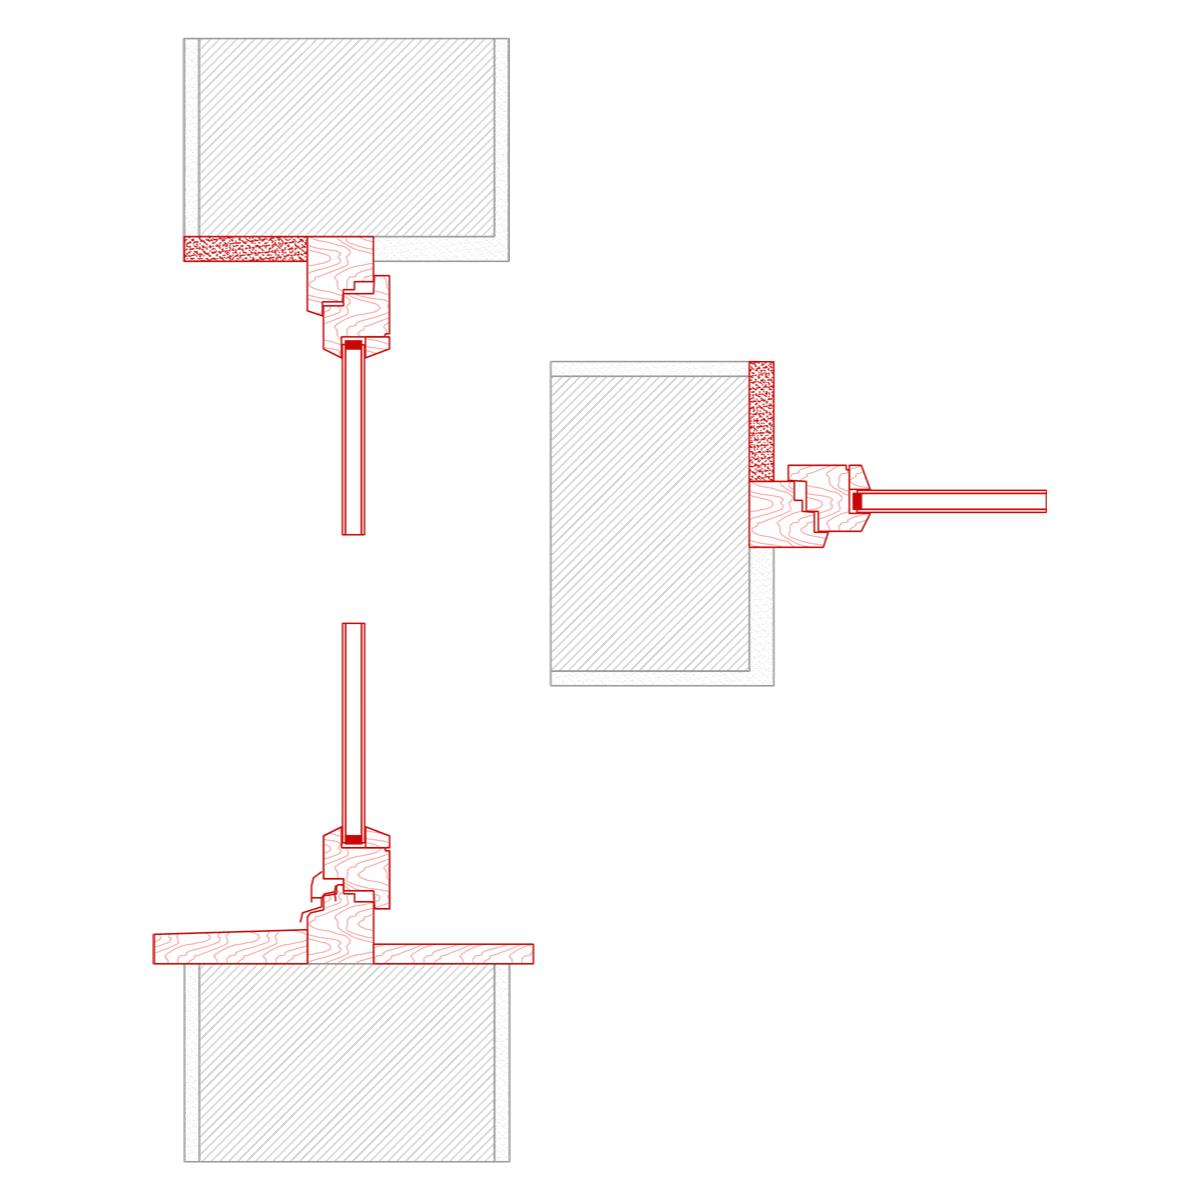 fenster detail b: zuerst fensteraustausch mit hilfe von holzkonsolen